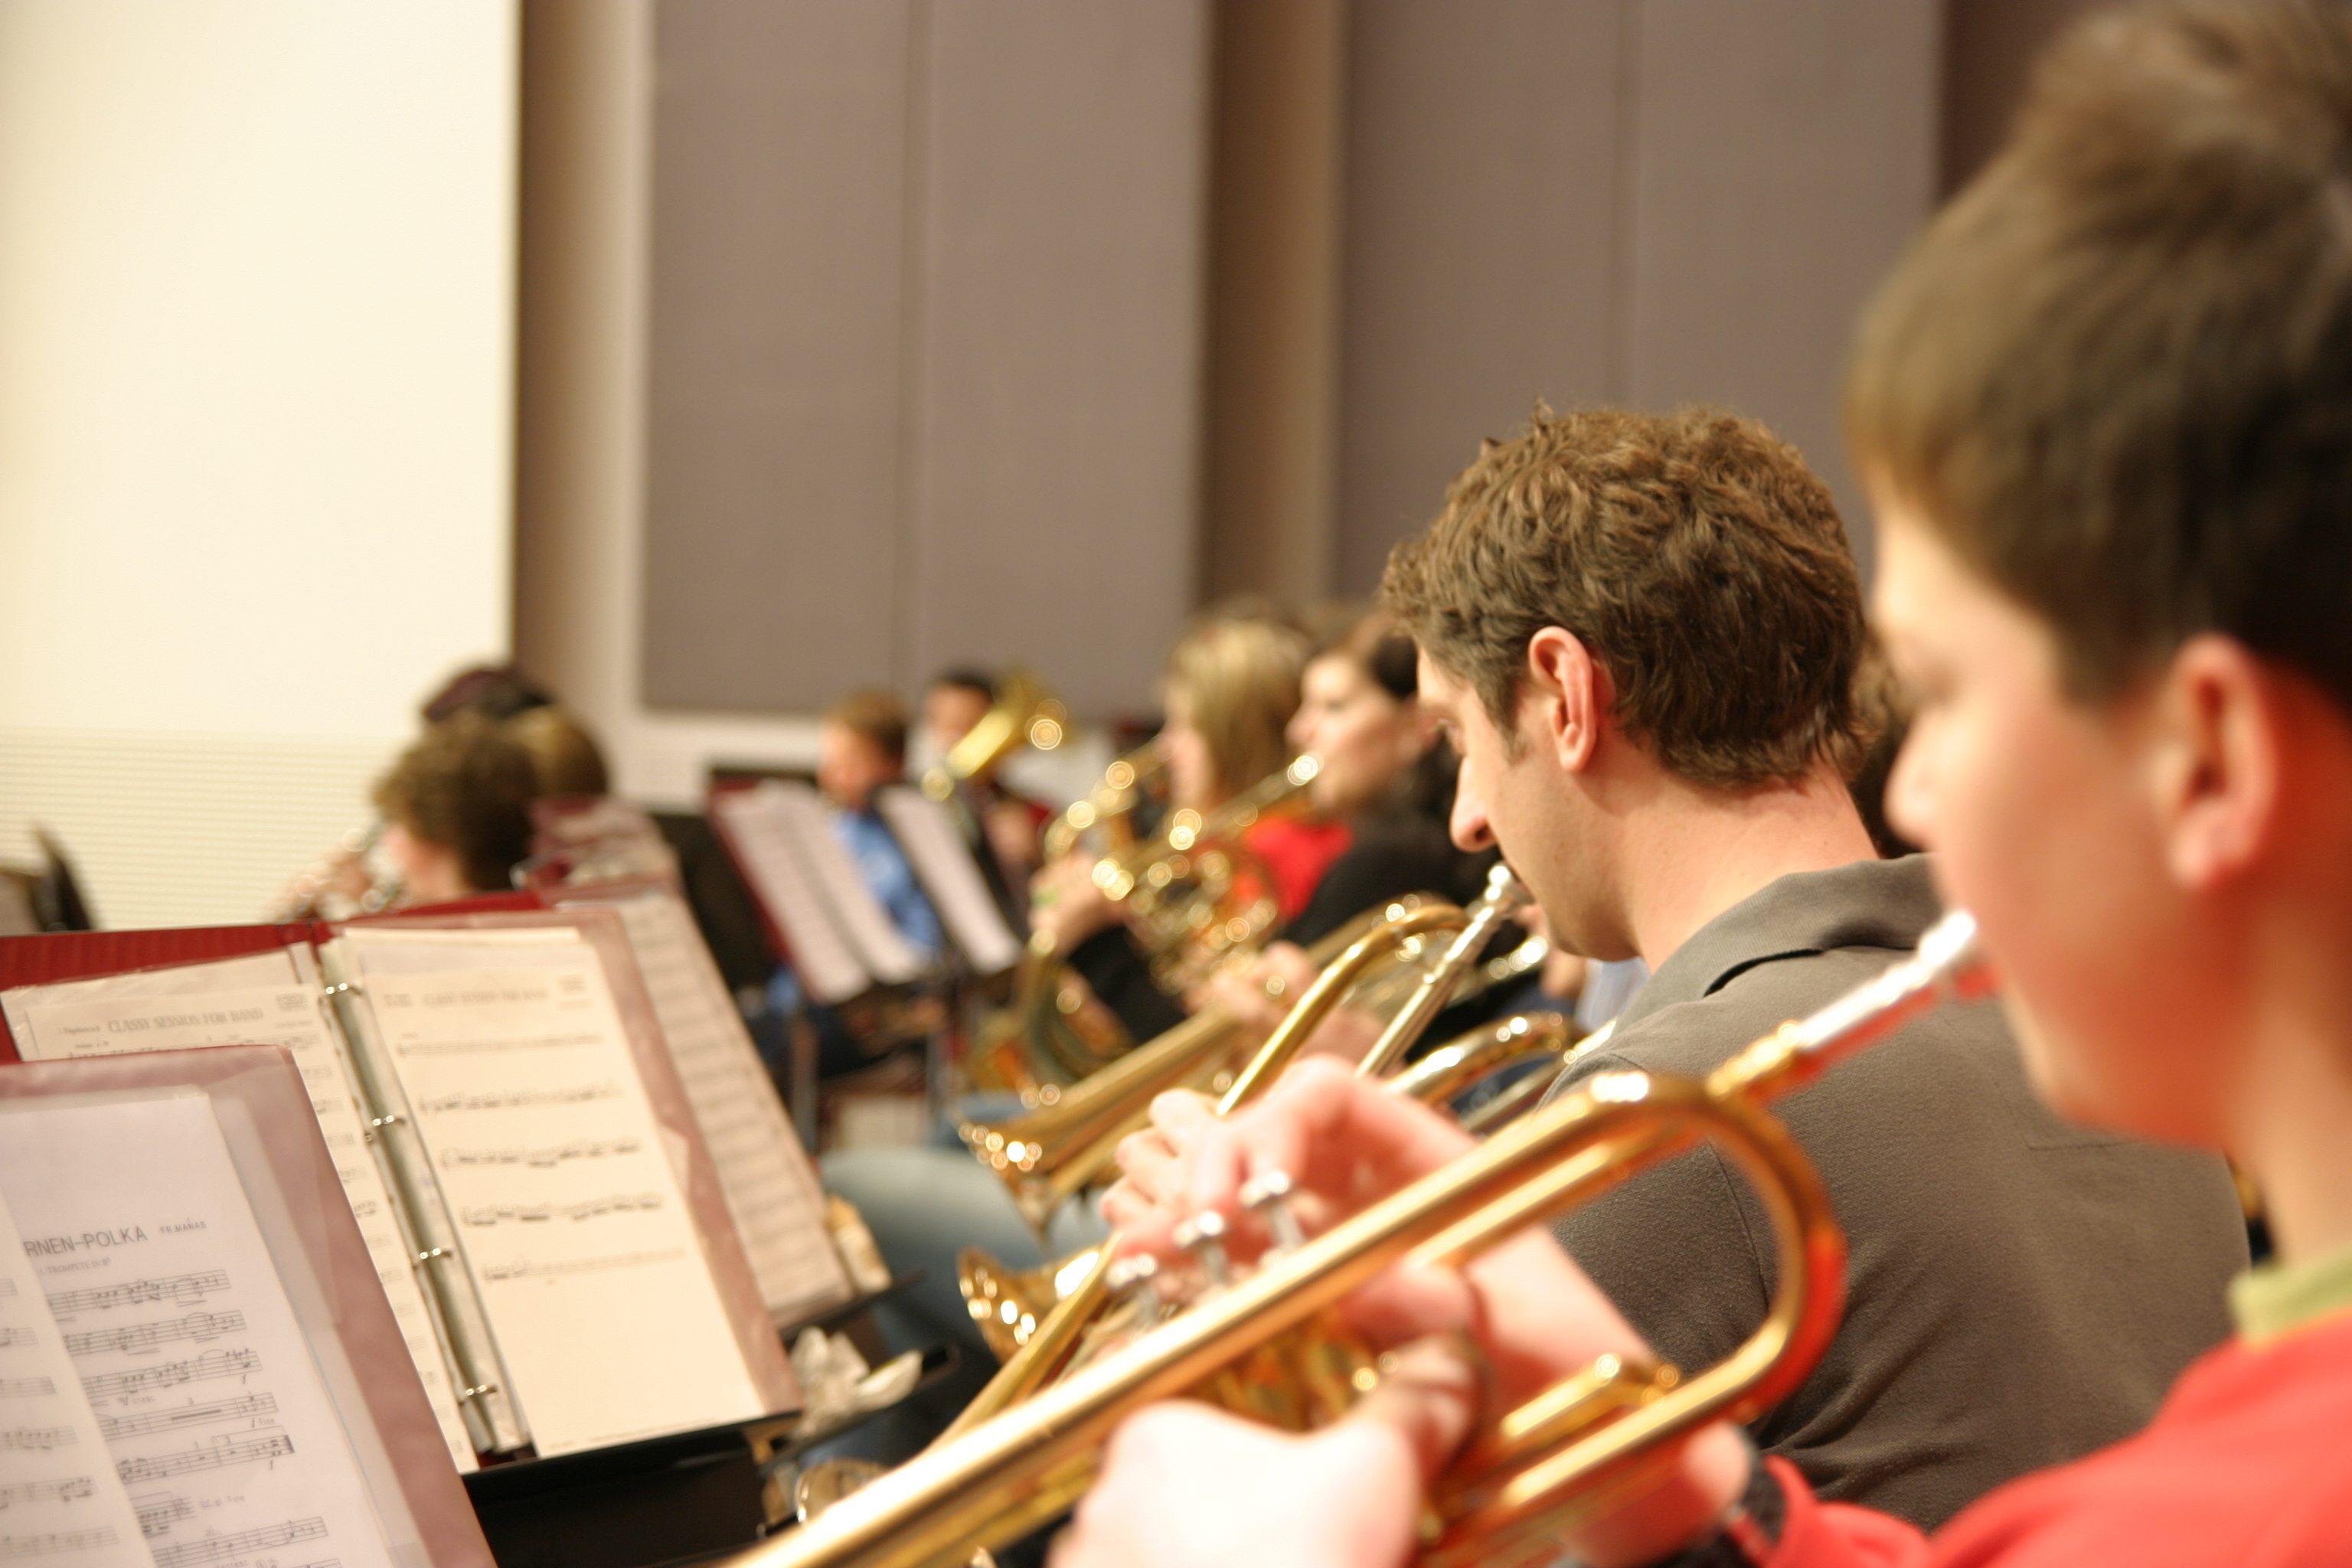 Sie sehen ein Orchester im Musikzentrum Knappenberg. JUFA Hotels bietet den idealen Platz zum Musizieren und Singen in der Gemeinschaft in abwechslungsreichen Regionen.